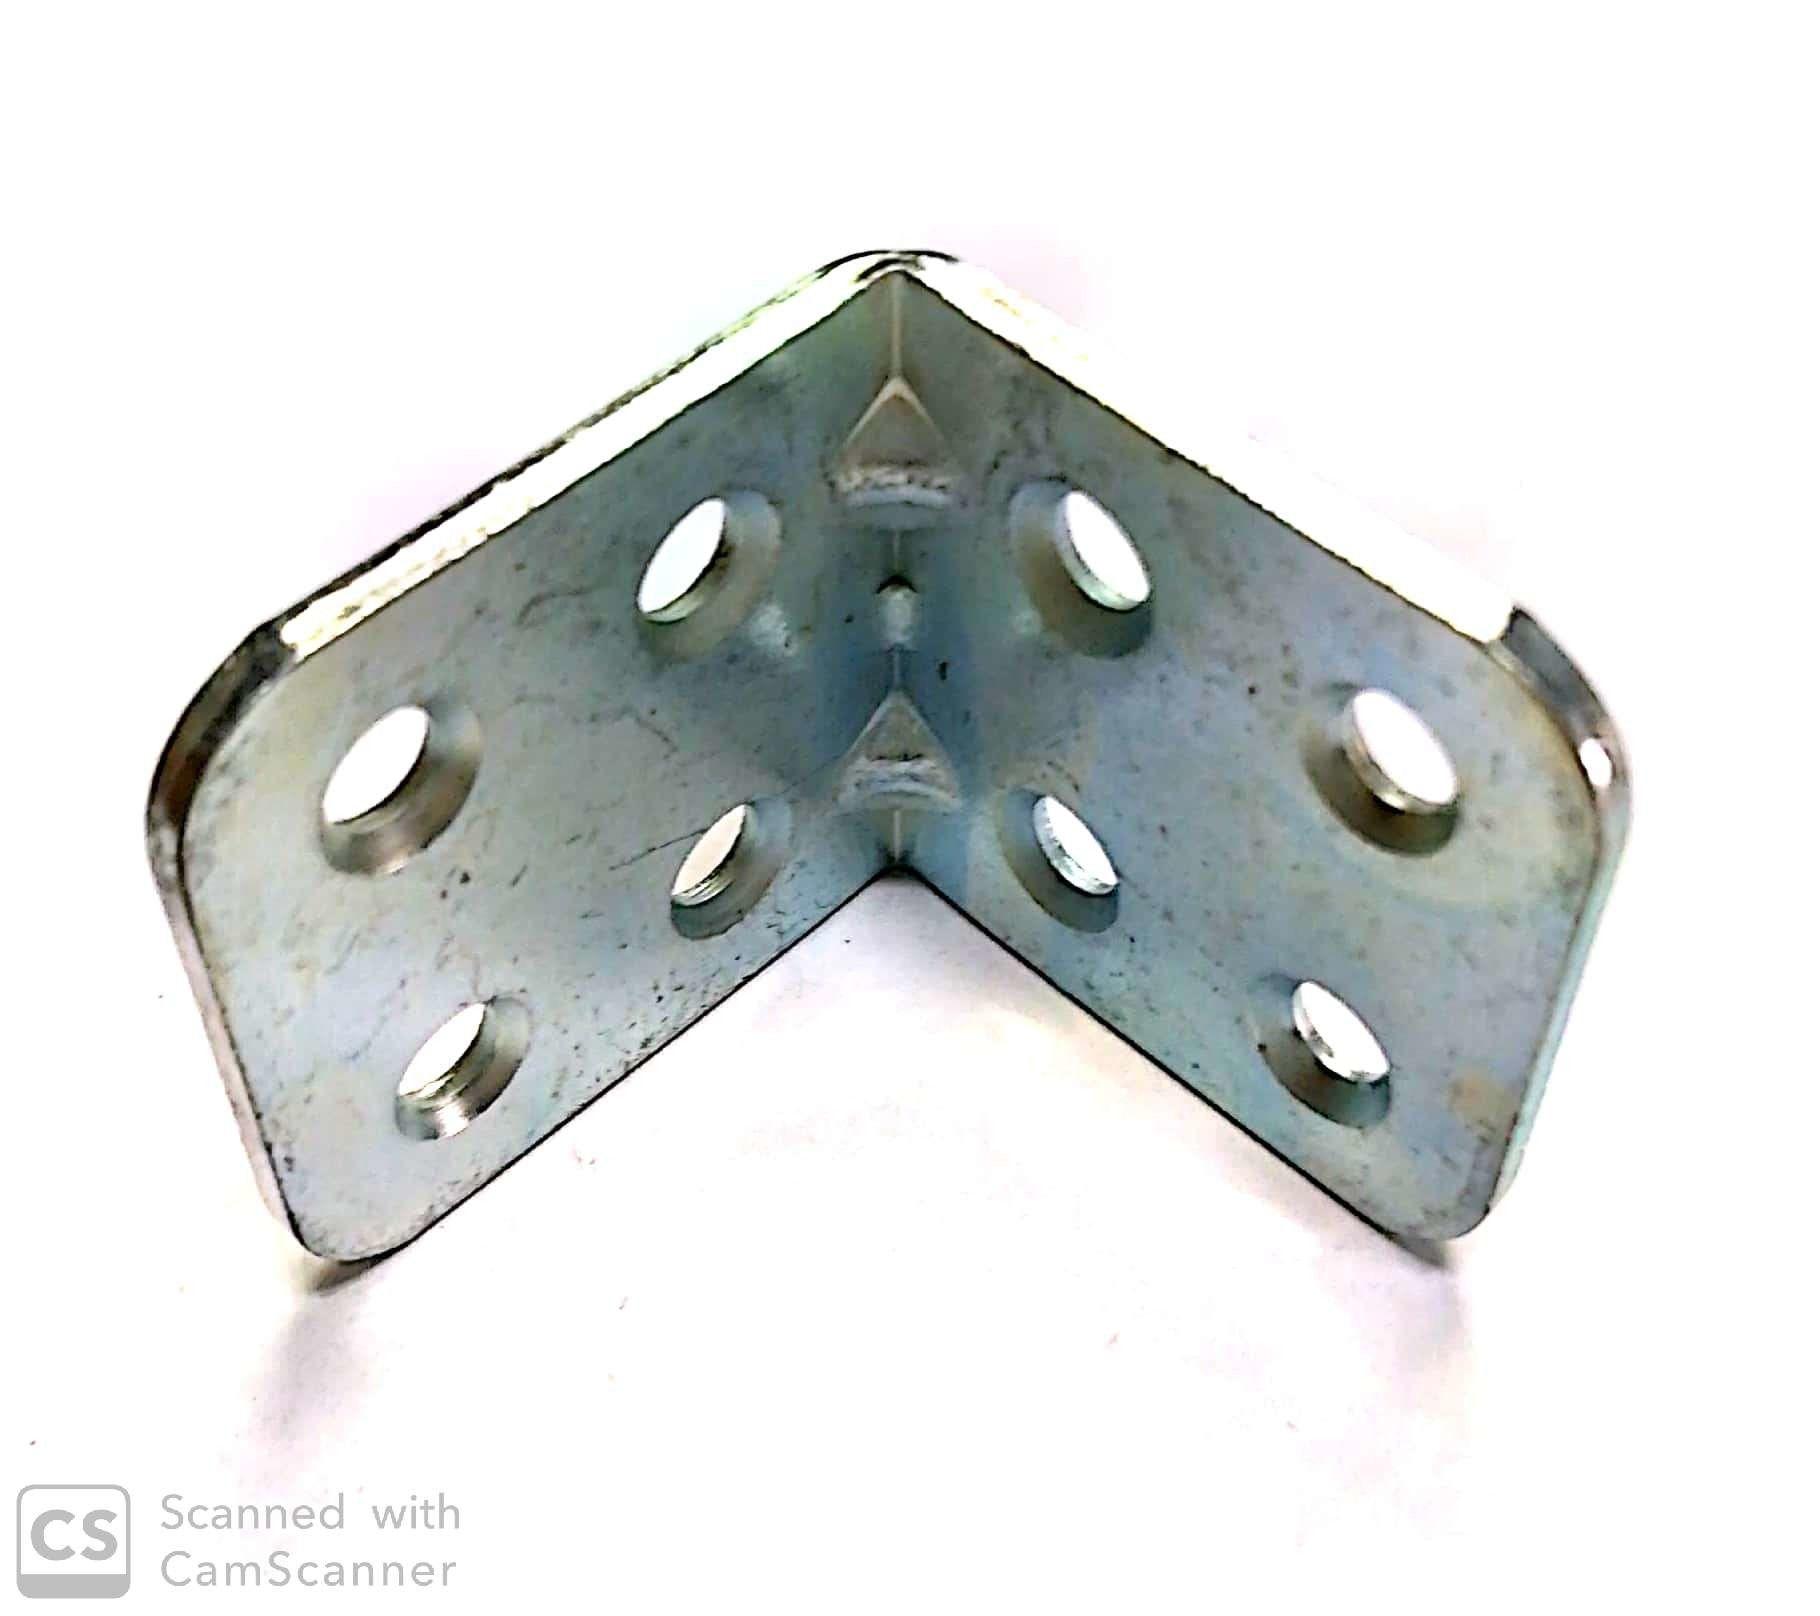 Piastrina pesante ad angolo mm 30 x 30 in ferro zincata